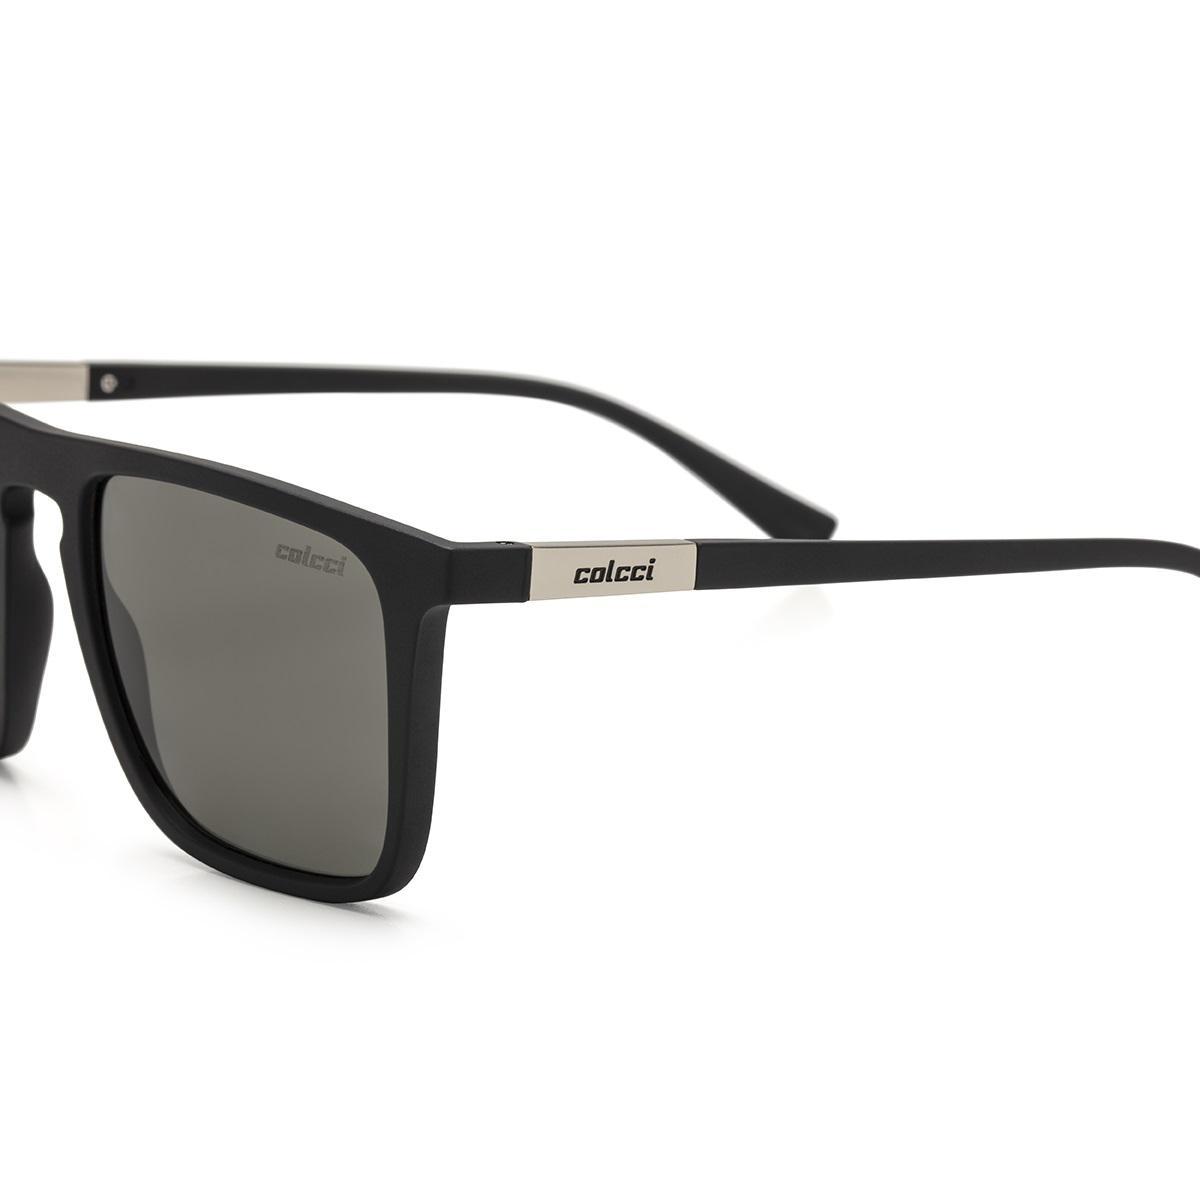 95d5f2556e524 Óculos De Sol Colcci C0130 Martin Preto Fosco Lente Verde Polarizada R   399,00 à vista. Adicionar à sacola